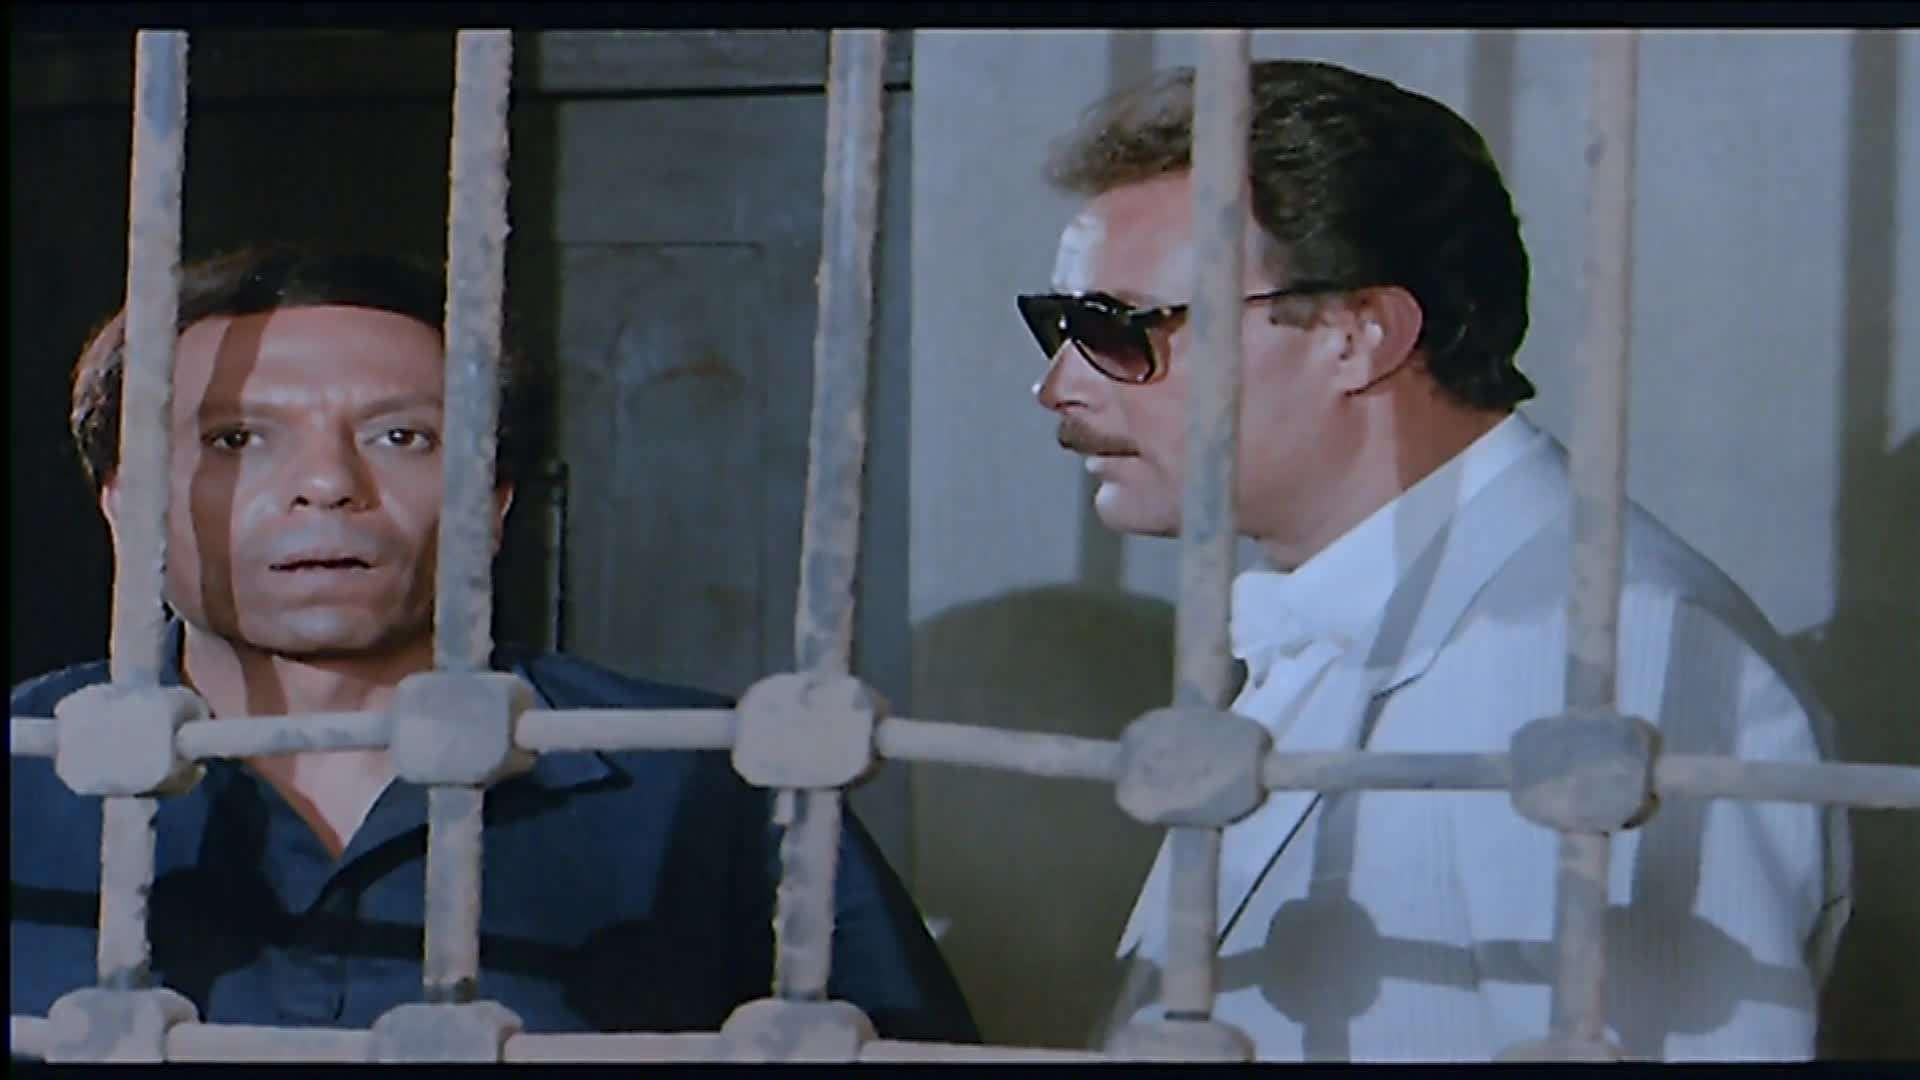 [فيلم][تورنت][تحميل][حنفي الأبهة][1990][1080p][Web-DL] 3 arabp2p.com